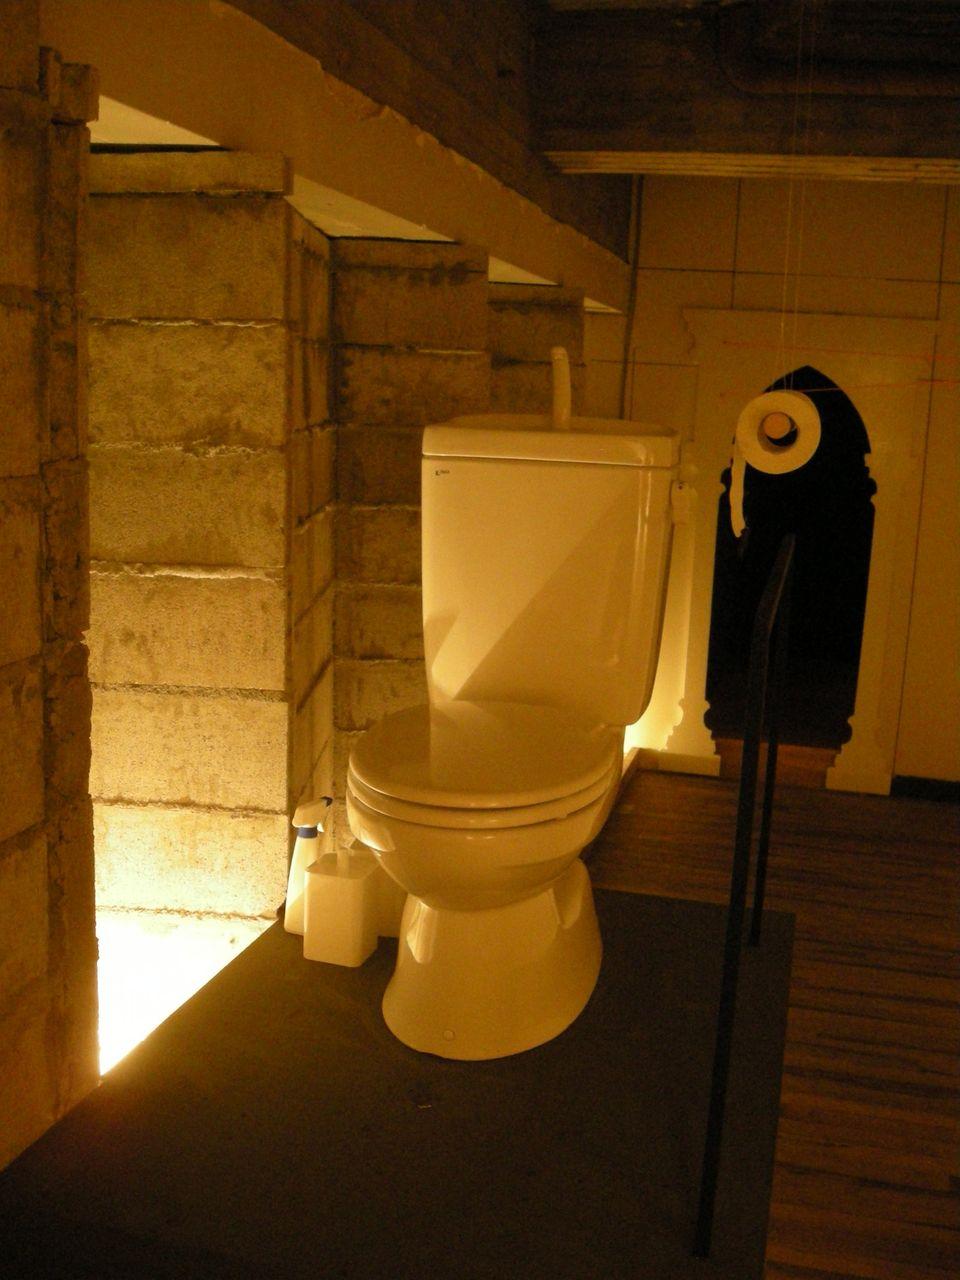 hummingブログ : 日本一☆変なトイレ